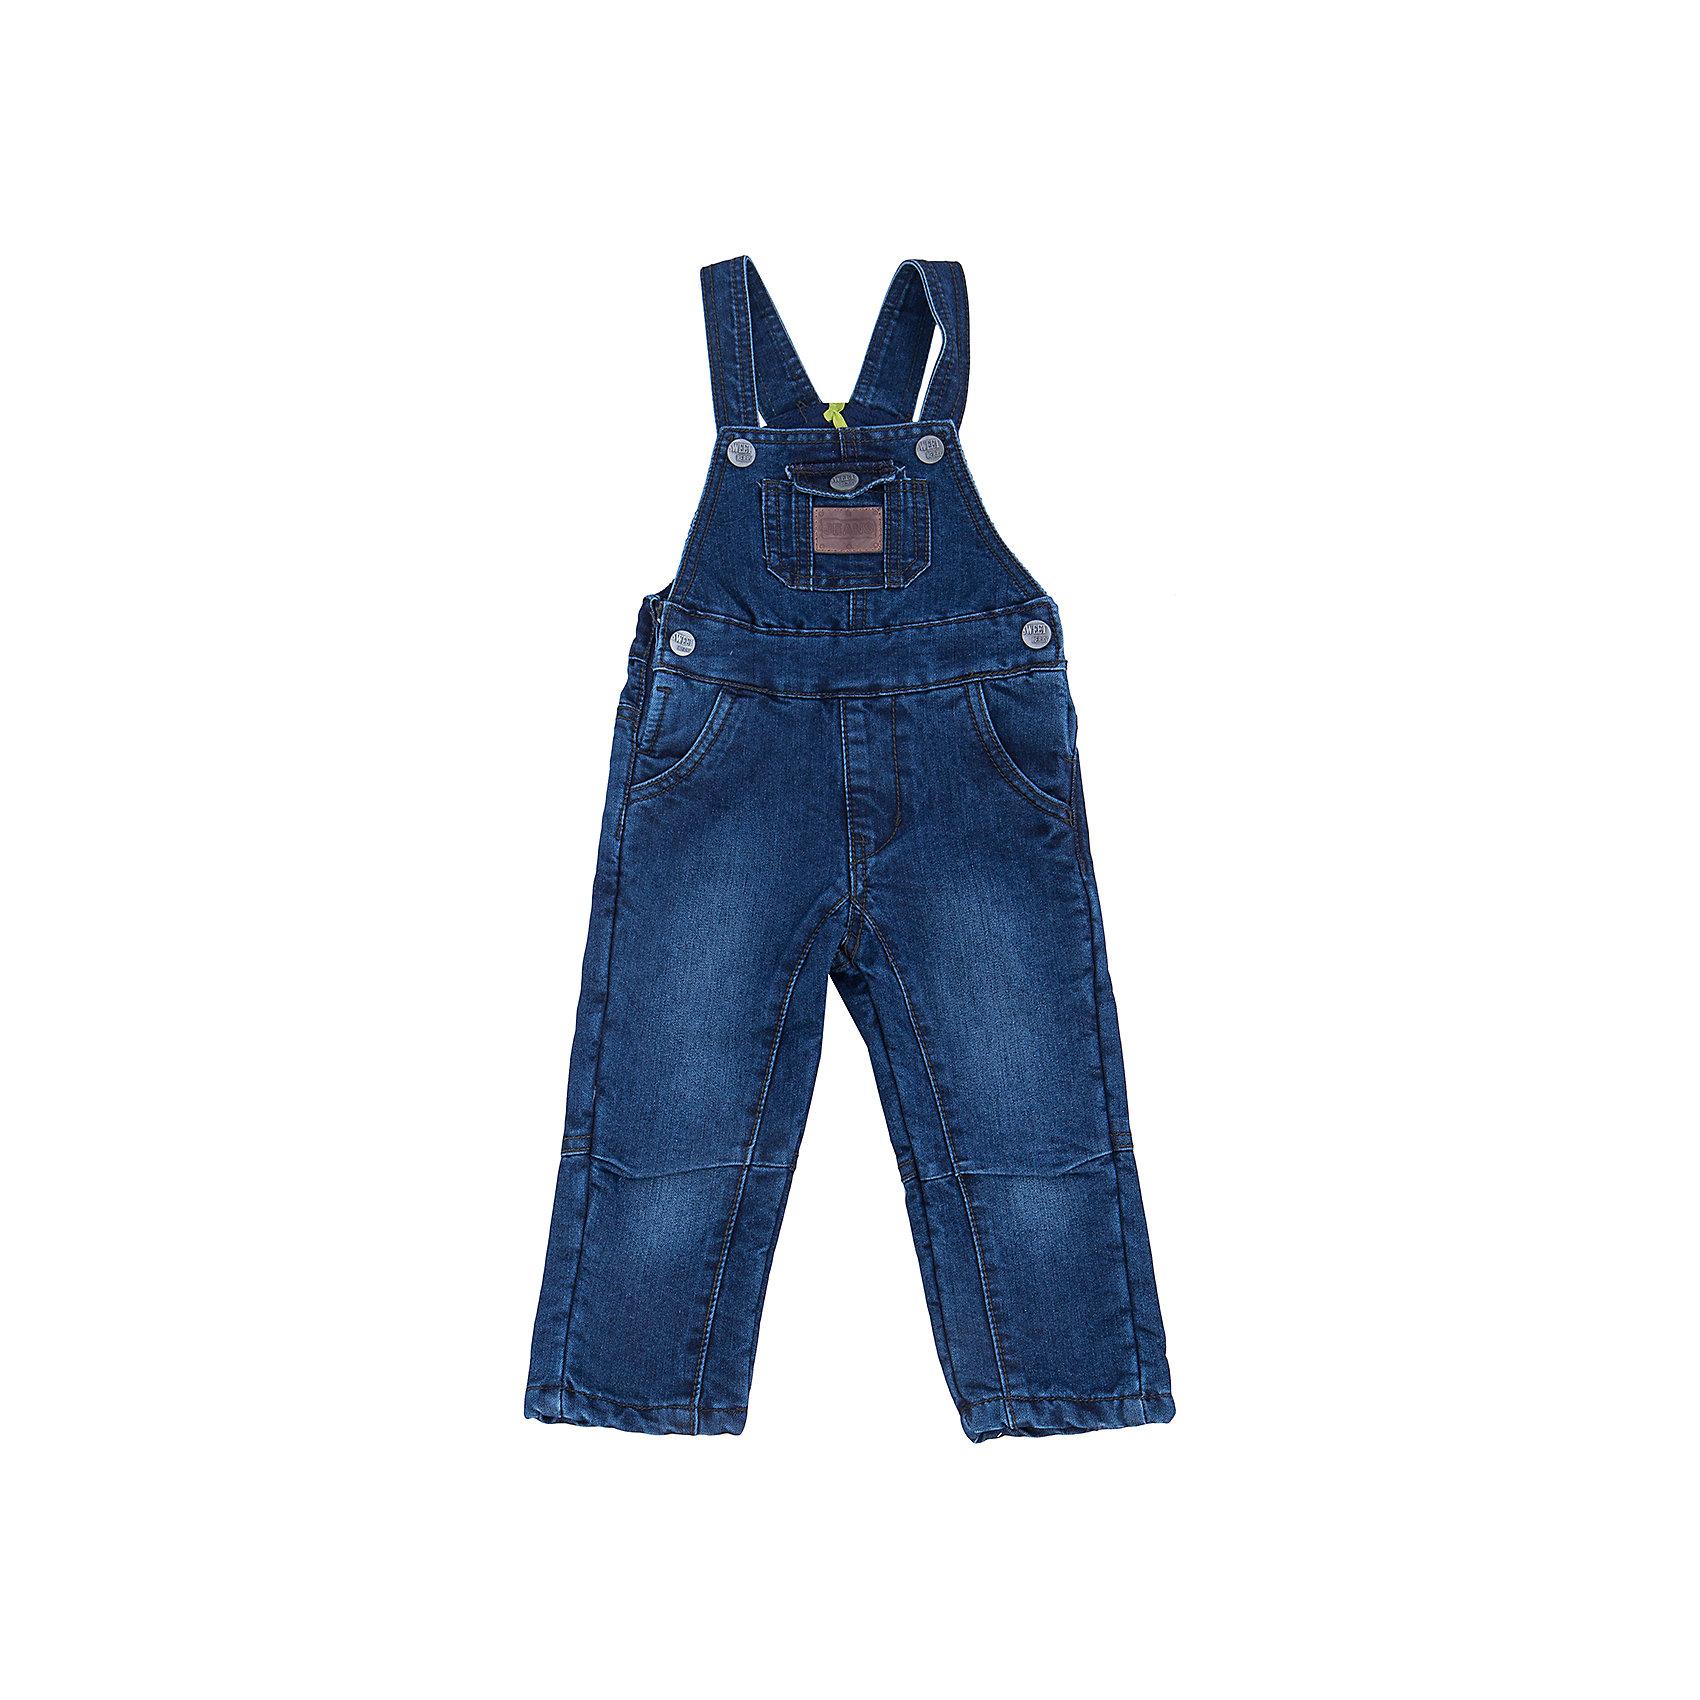 Комбинезон джинсовый для мальчика Sweet BerryДжинсовая одежда<br>Стильный джинсовый полукомбинезон для мальчика  торговой марки Sweet Berry идеально подойдет Вашему малышу и станет отличным дополнением к детскому гардеробу. Изготовленный из 100%  хлопка, он необычайно мягкий и приятный на ощупь, не сковывает движения и позволяет коже дышать, не раздражает ее. Полукомбинезон с высокой грудкой имеет широкие регулируемые бретели. По бокам полукомбенезон застегивается на металлические пуговицы. Спереди предусмотрены два втачных кармана, а сзади - два накладных . На груди расположен накладной кармашек, дополненный небольшой кожаной вставкой. В таком полукомбинезоне ваш маленький мужчина будет чувствовать себя комфортно, уютно и всегда будет в центре внимания!<br>Инструкция по уходу: бережная стирка в прохладной воде при температуре 30°С, гладить при низкой температуре, не отбеливать, химчистка запрещена, не разрешено отжимать в центрифуге.<br><br> Дополнительная информация:<br><br>- комплектация: полукомбинезон<br>- цвет: синий<br>- состав: хлопок 100%<br>- тип карманов: прорезные<br>- параметры брючин: ширина брючин - низ: 13 см; длина по внутреннему шву: 35 см<br>- длина изделия: по спинке: 55 см<br>- крой брючин: прямой<br>- вид застежки: замок с ключом<br>- утеплитель: флис<br>- фактура материала: гладкий<br>- уход за вещами: бережная стирка при t не более 40с<br>- рисунок: без рисунка<br>- назначение: повседневная<br>- сезон: демисезон<br>- пол: мальчики<br><br>Полукомбинезон  для мальчика торговой марки  Sweet Berry можно купить в нашем интернет-магазине<br><br>Ширина мм: 215<br>Глубина мм: 88<br>Высота мм: 191<br>Вес г: 336<br>Цвет: синий<br>Возраст от месяцев: 12<br>Возраст до месяцев: 15<br>Пол: Мужской<br>Возраст: Детский<br>Размер: 80,98,86,92<br>SKU: 4929797